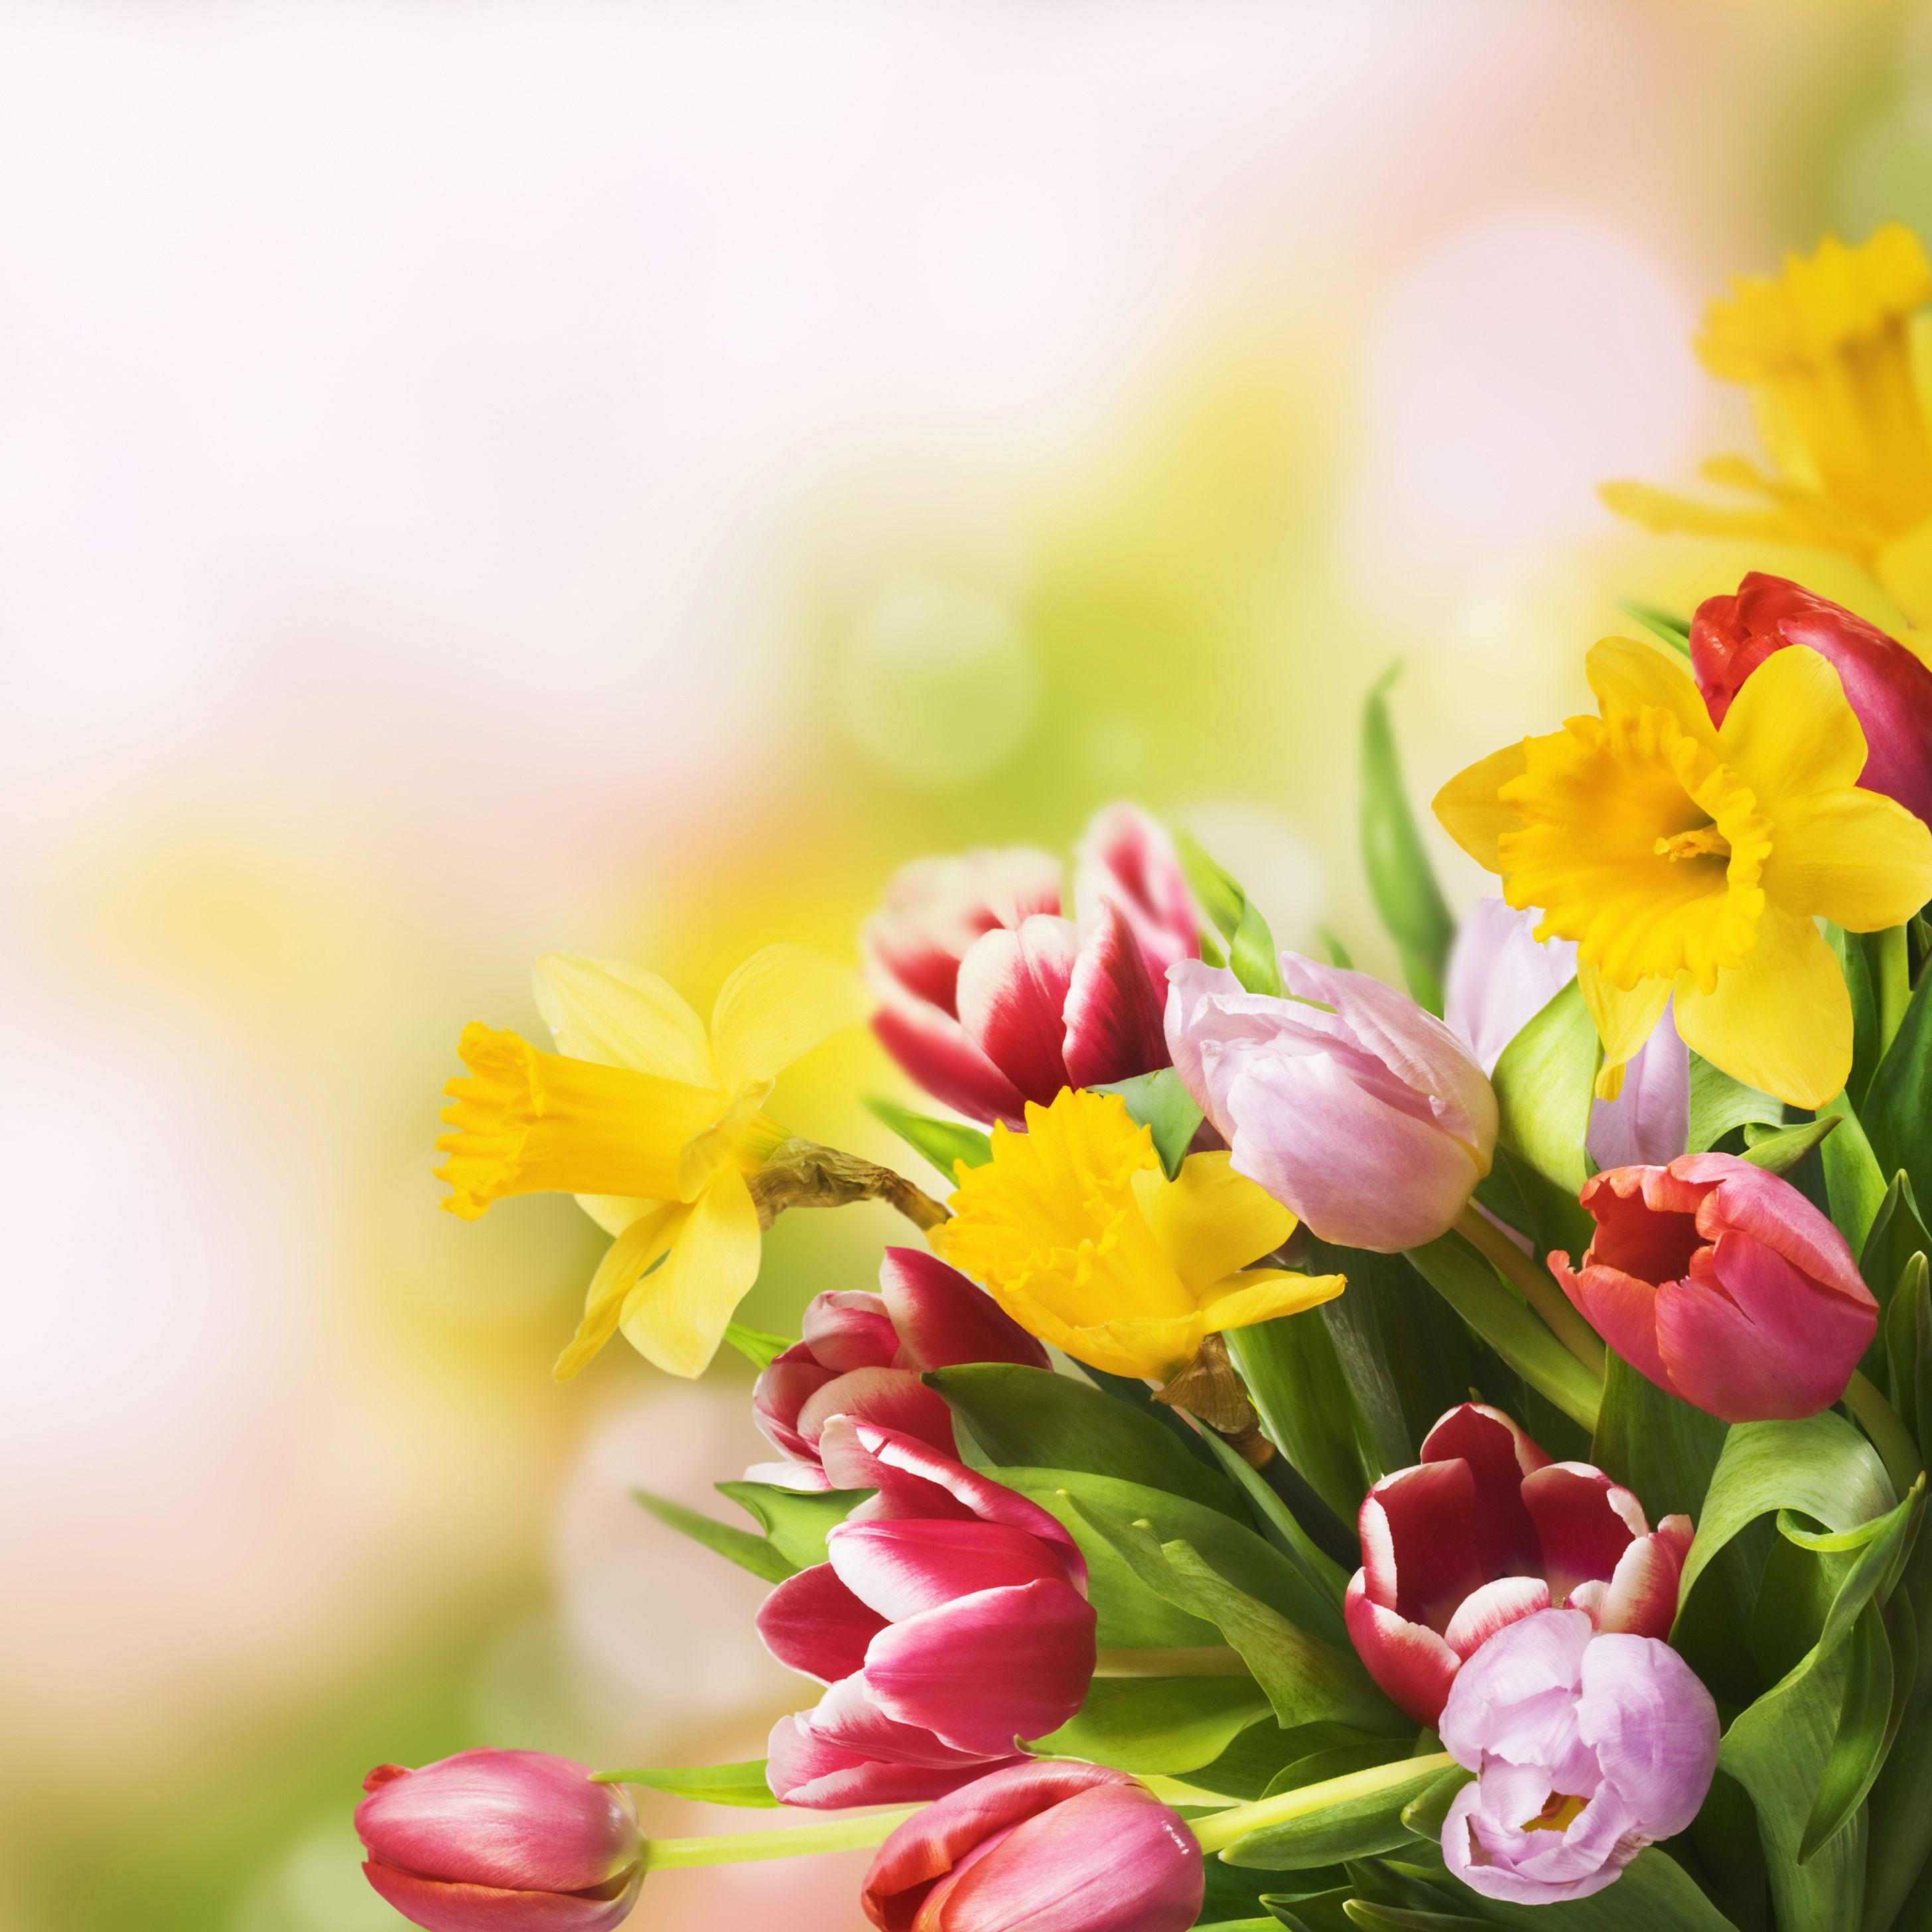 С весной открытка с тюльпанами